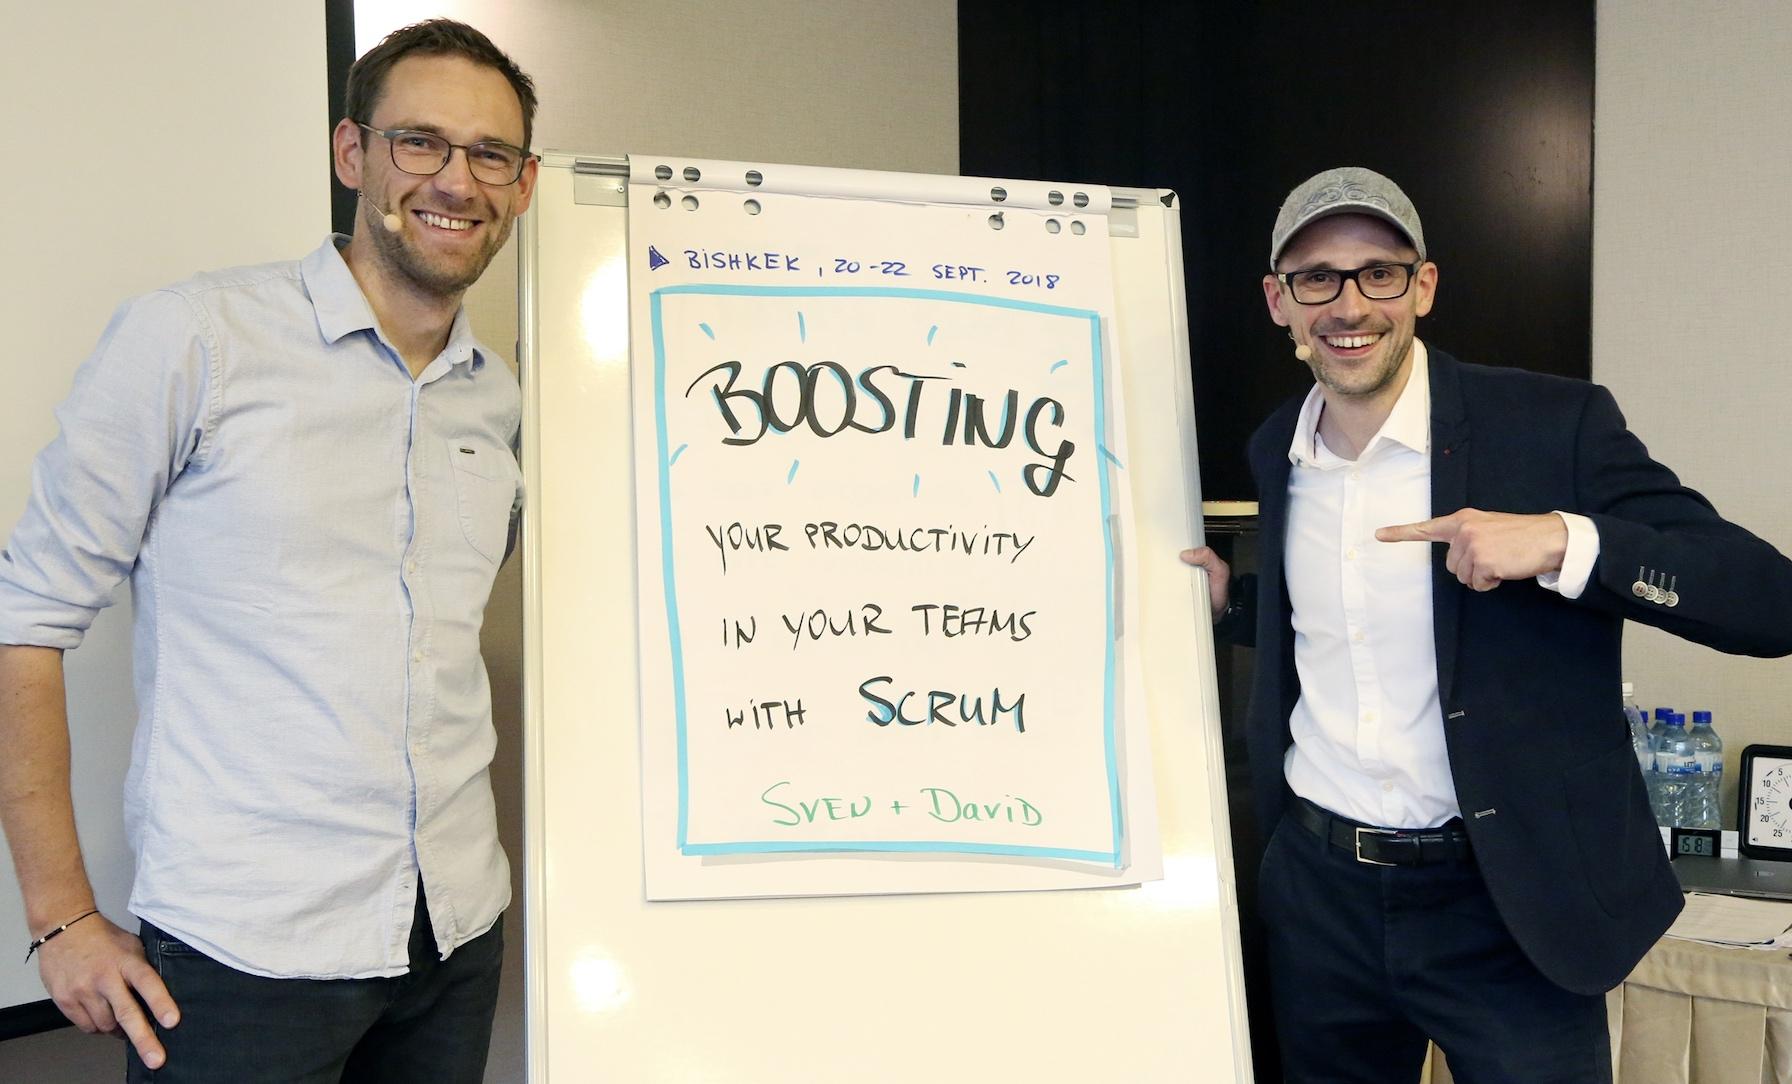 Workshop Title David & Sven